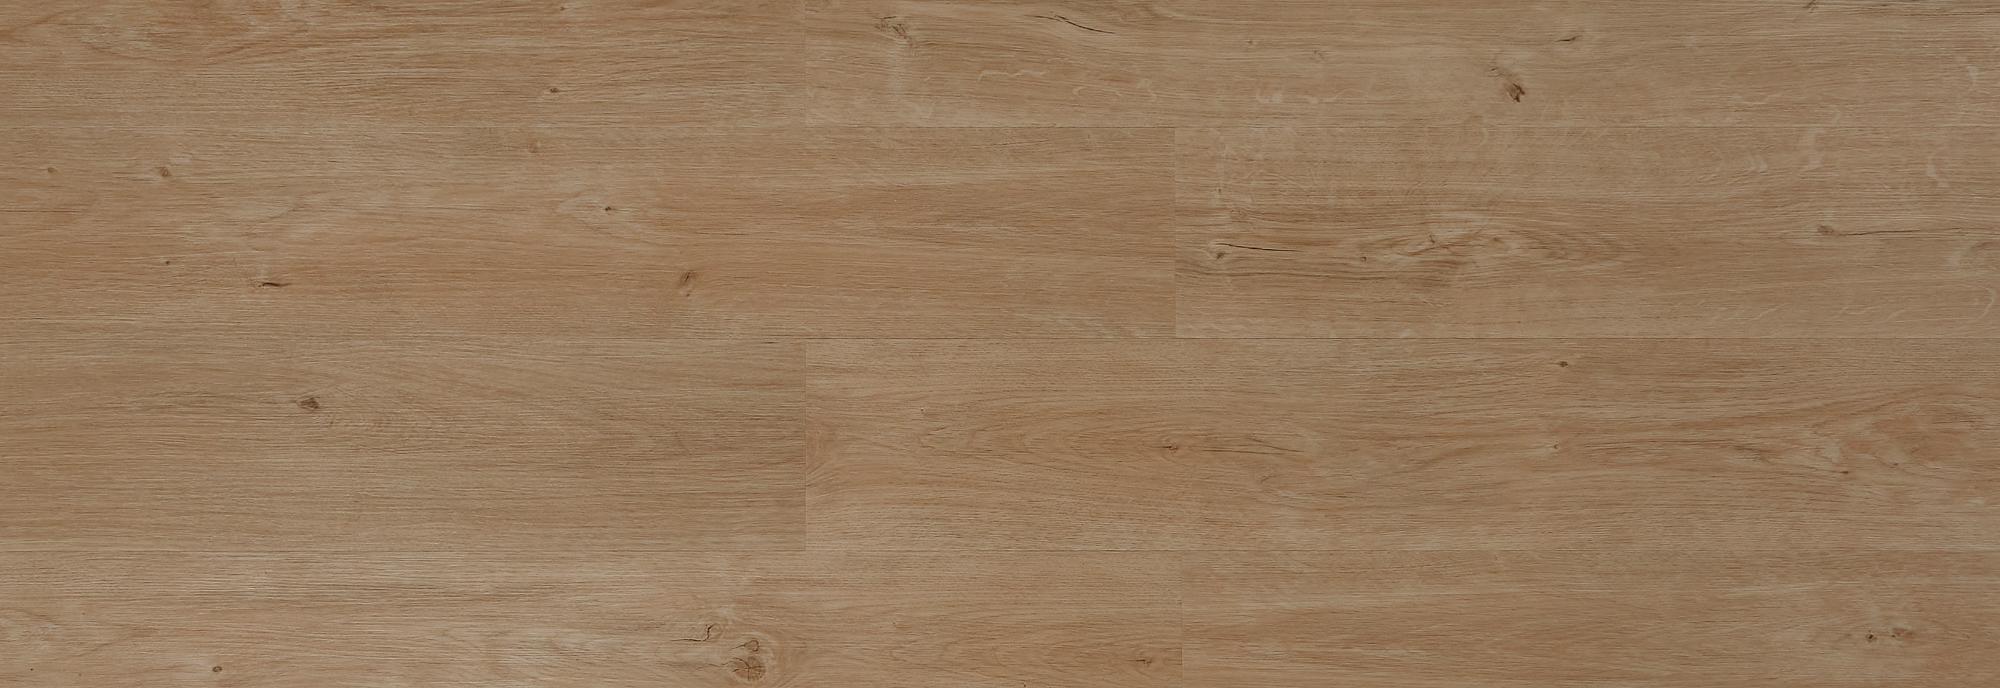 NOMAD FLO - NF10117 Valls - Vinylová podlaha s kompozitním jádrem - Click